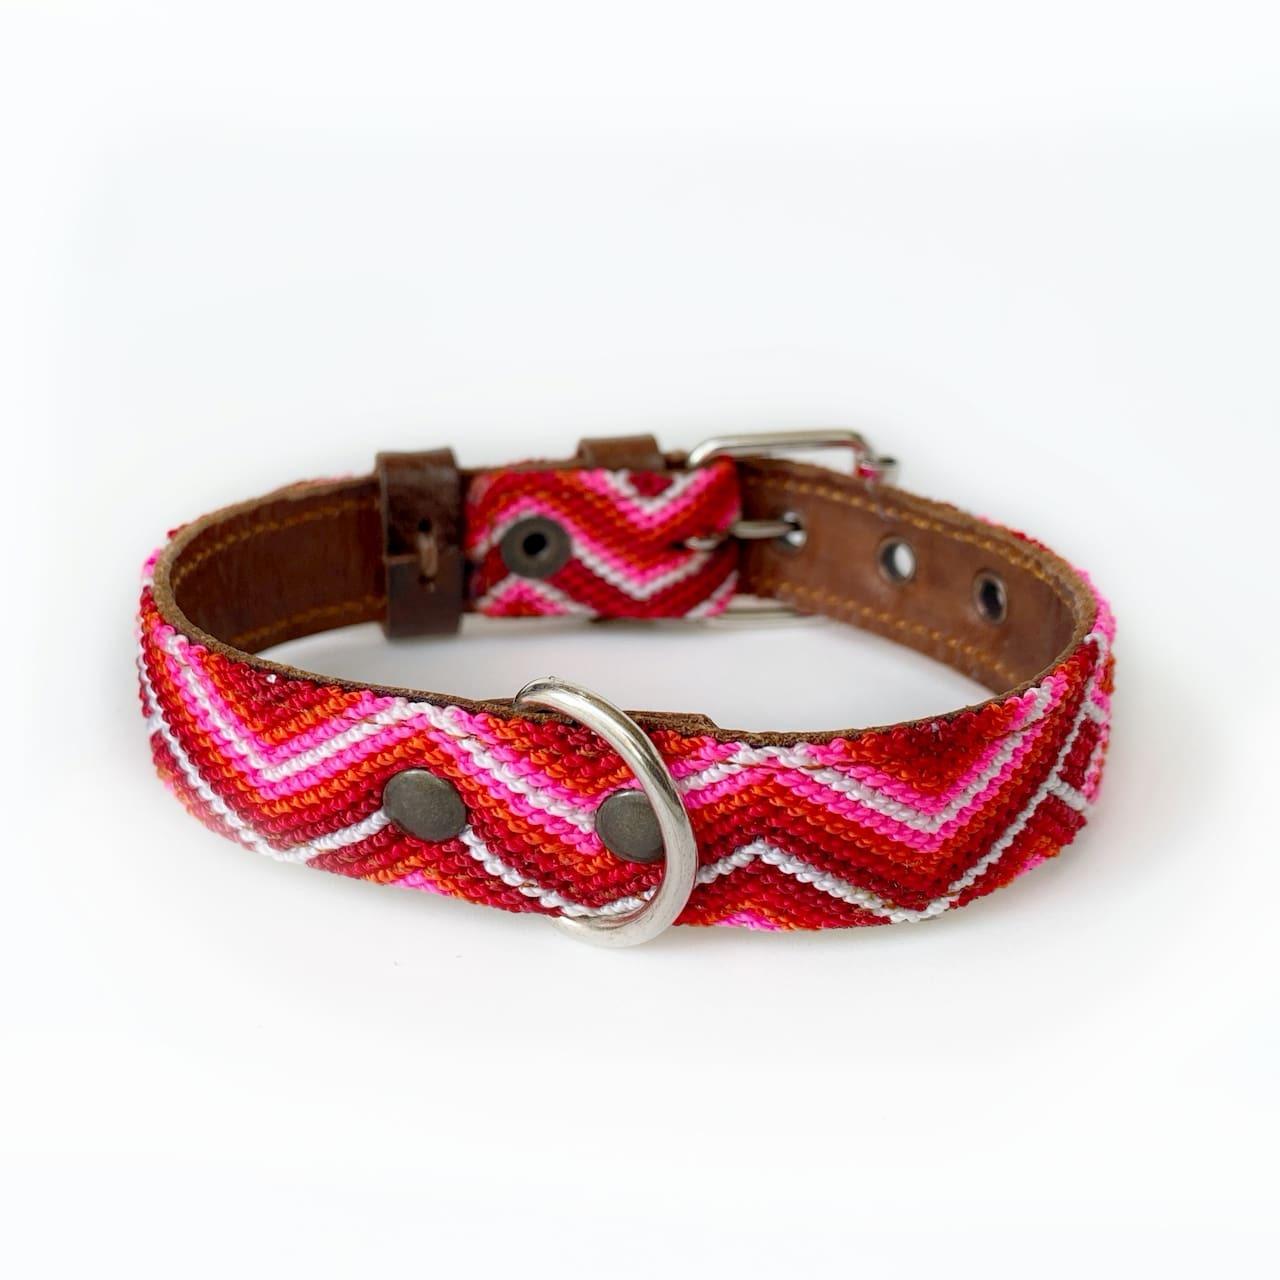 犬の首輪 -サイズXS- [ガーリーガール]